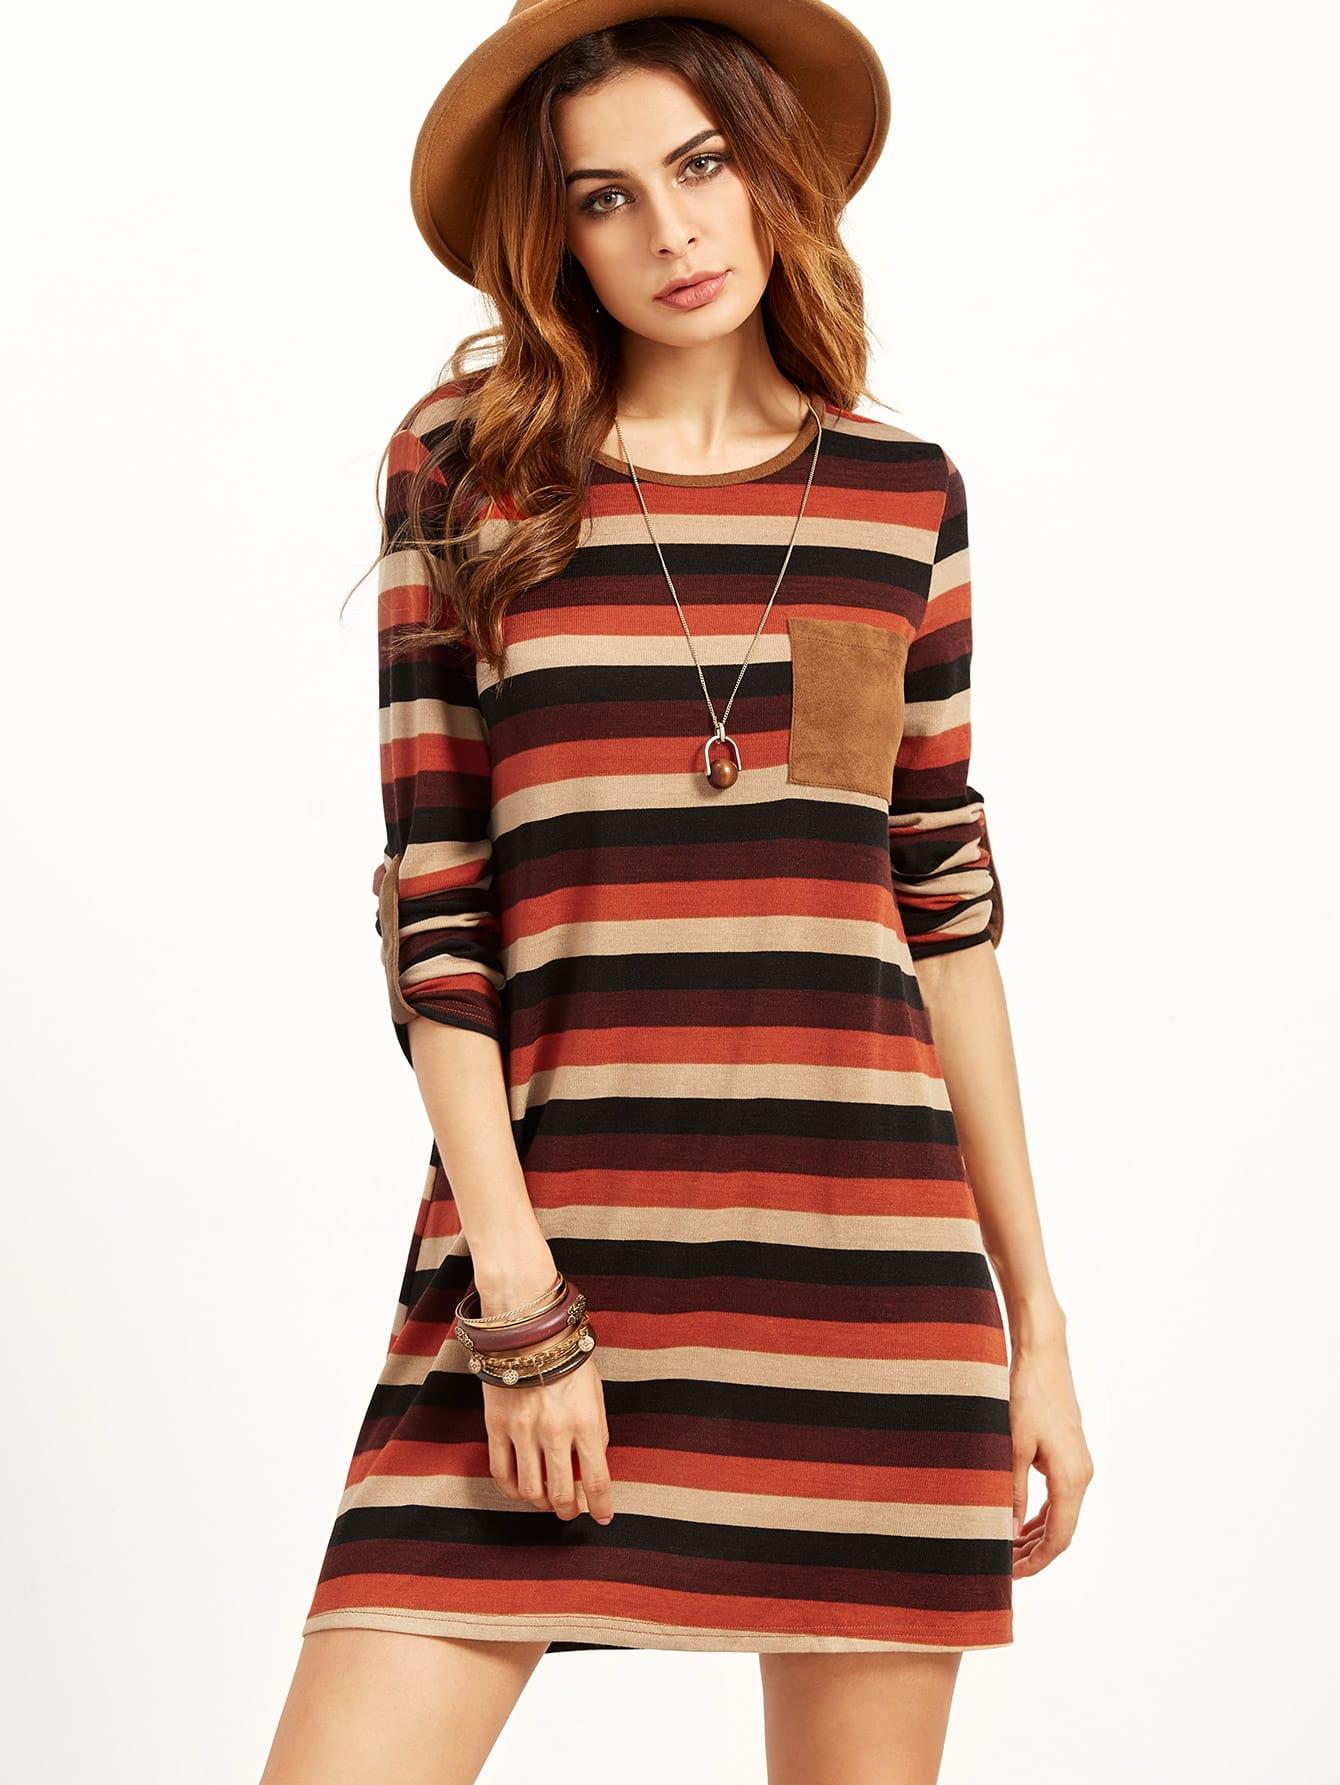 dress160909511_2